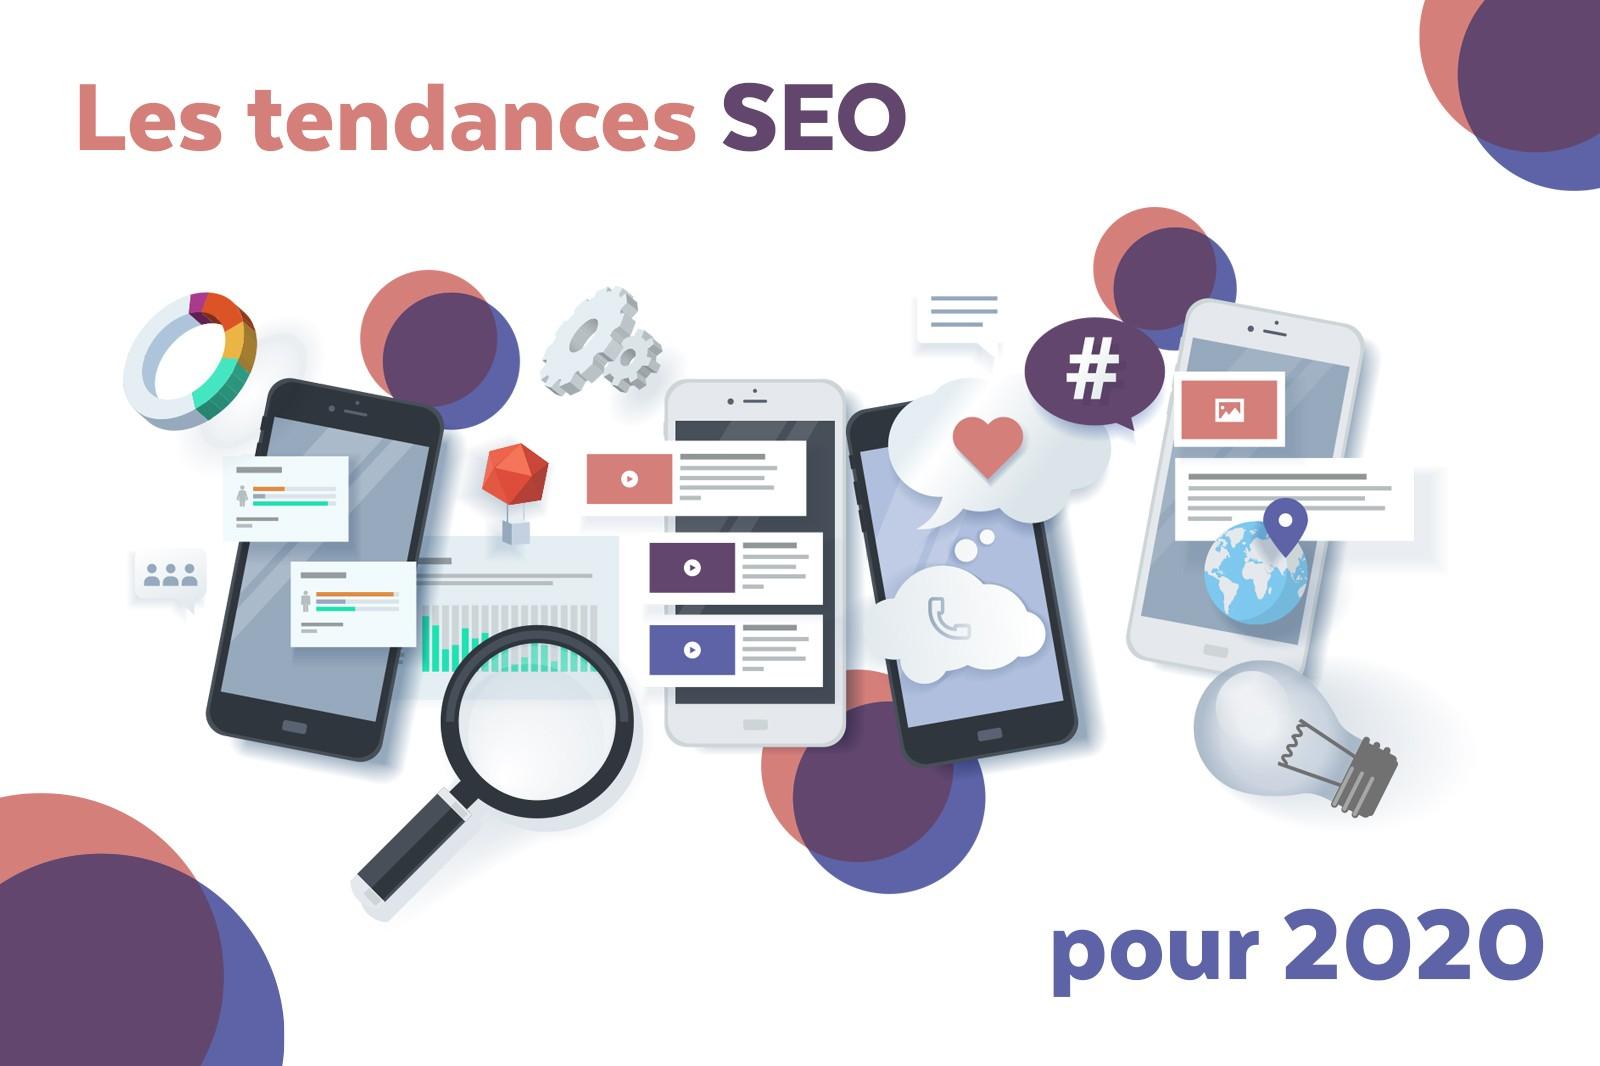 Représentation des tendances SEO pour 2020 pour devenir freelance web.